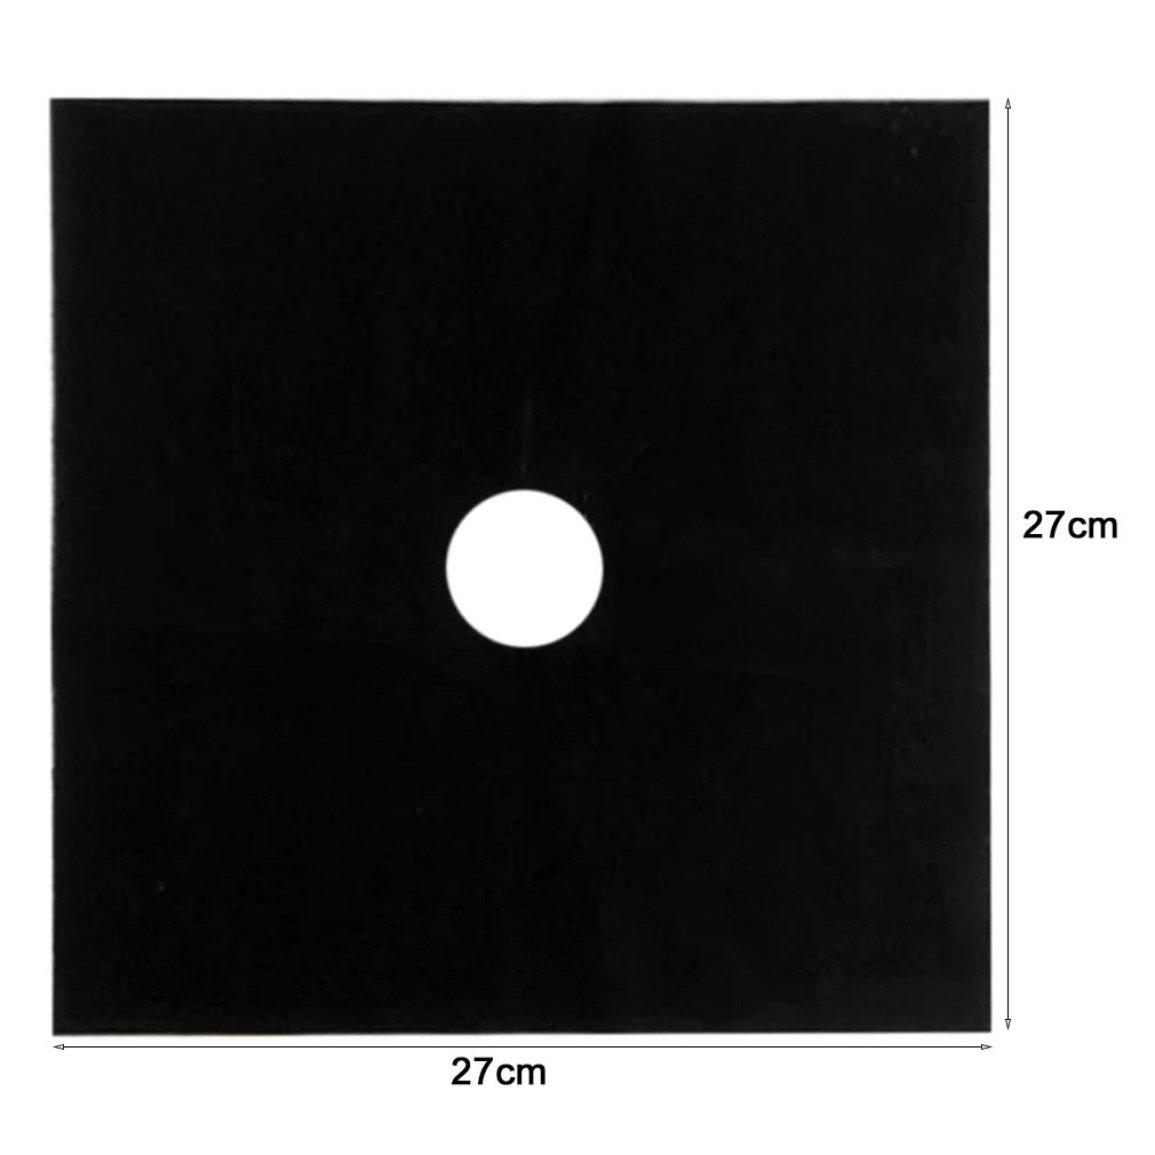 be89ab3eade2 Etui A5 960 étiquettes rondes vertes 15 diam Apli A114311 consommable  photocopieur